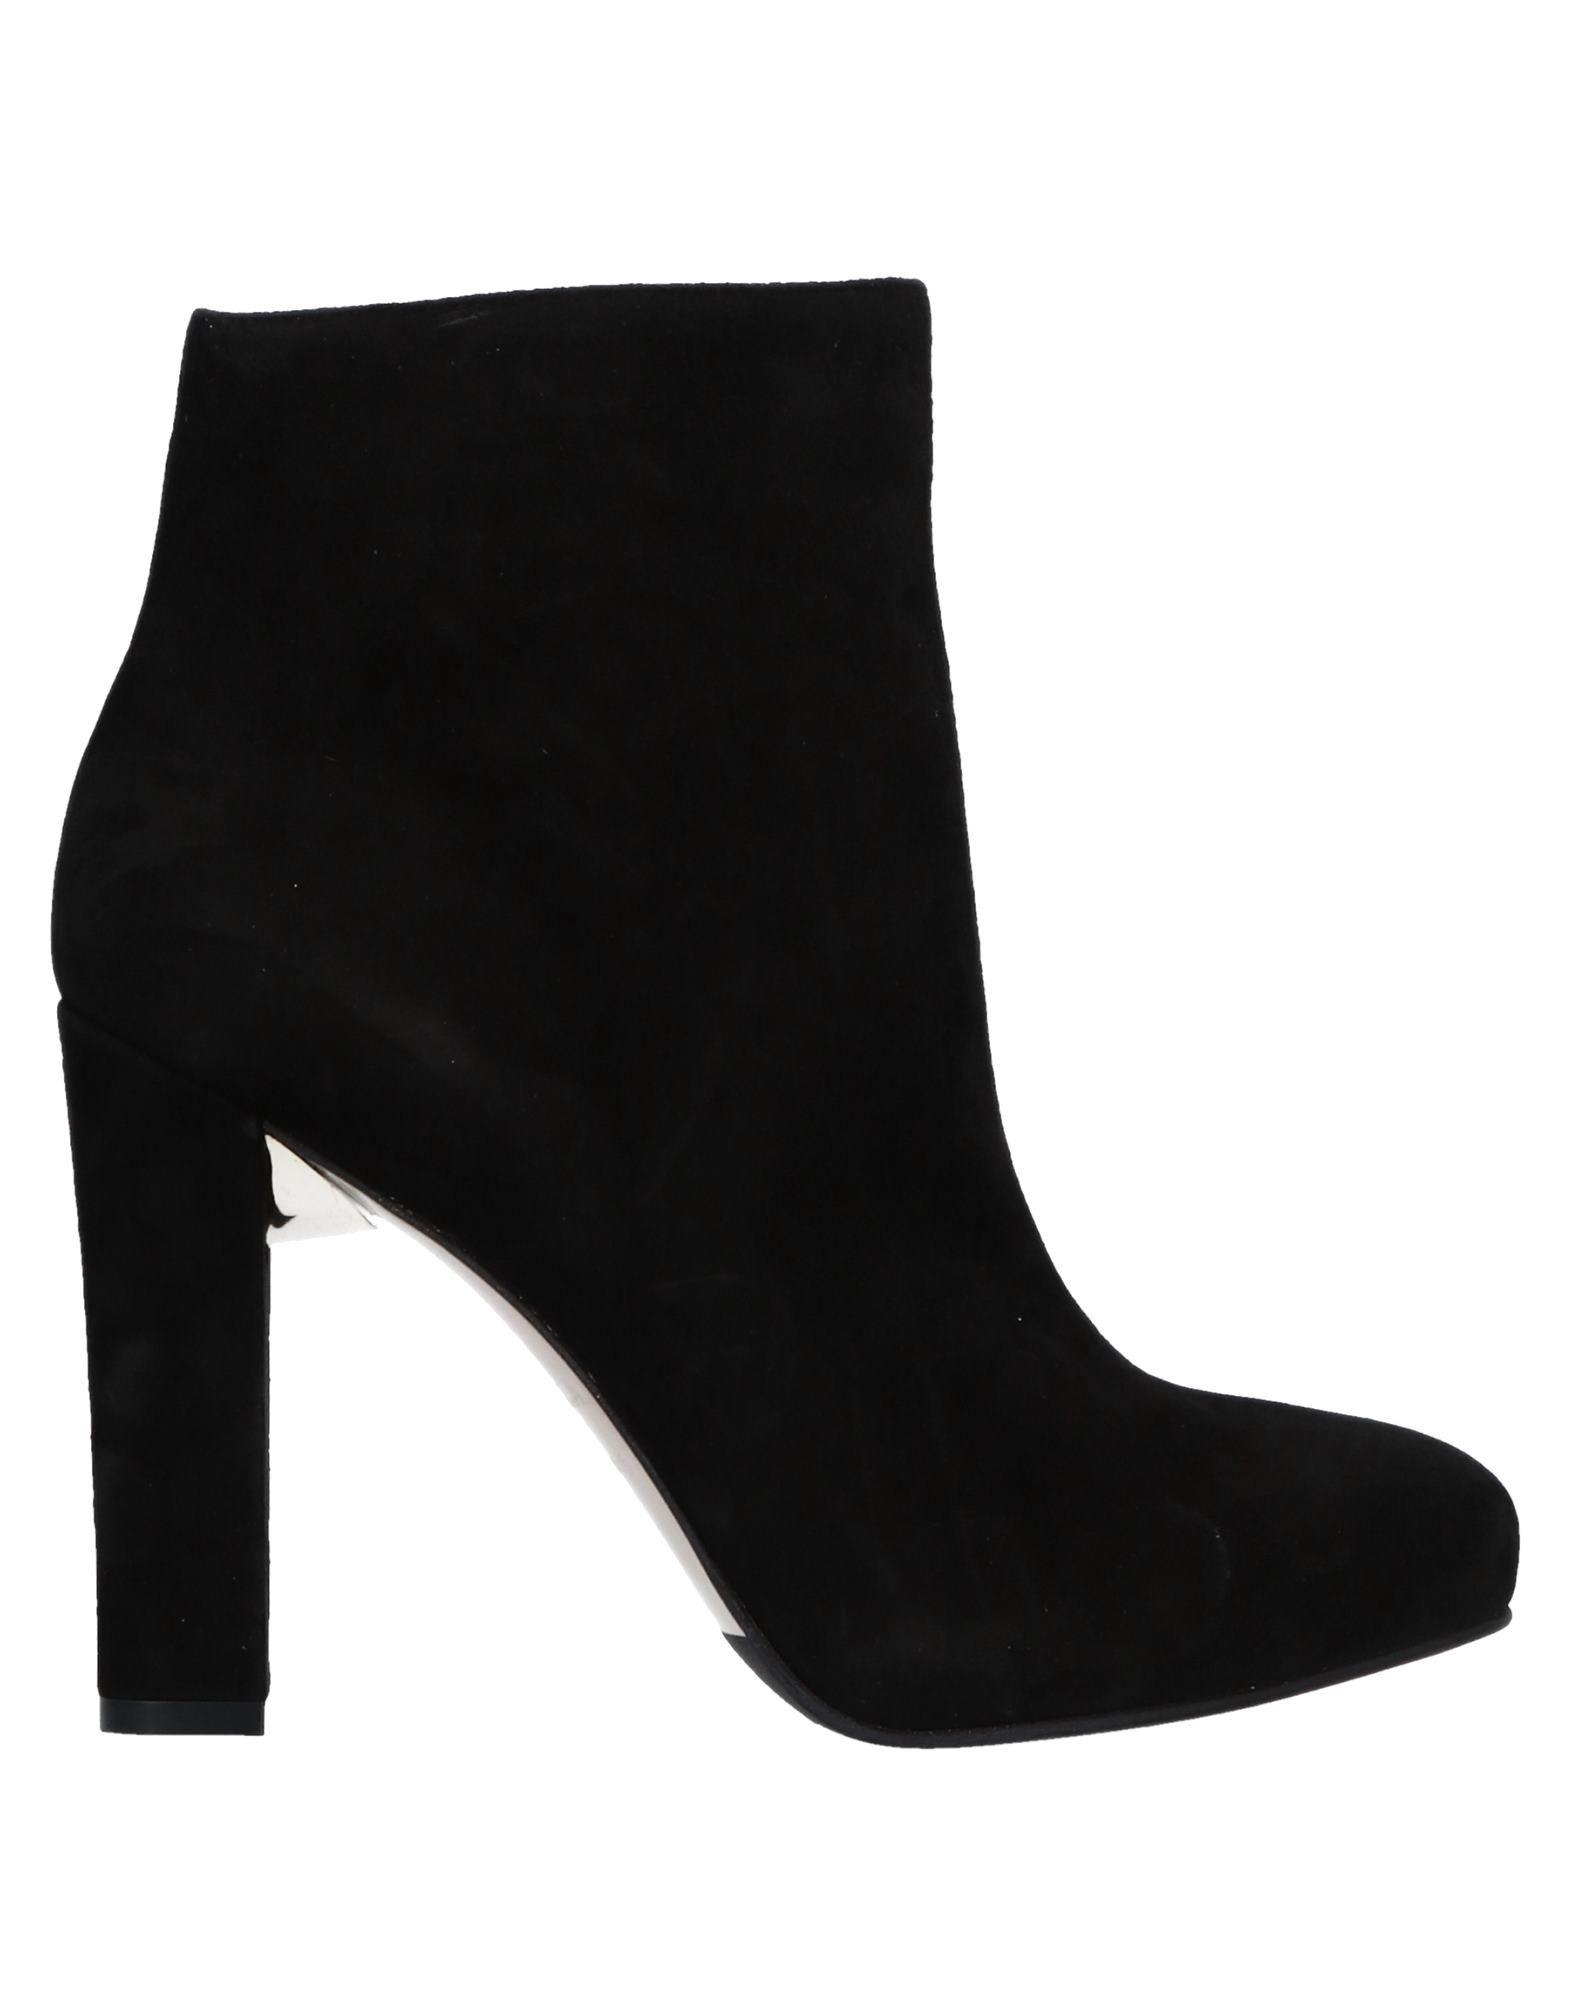 Le Silla Stiefelette Damen  11527184HNGünstige gut aussehende Schuhe